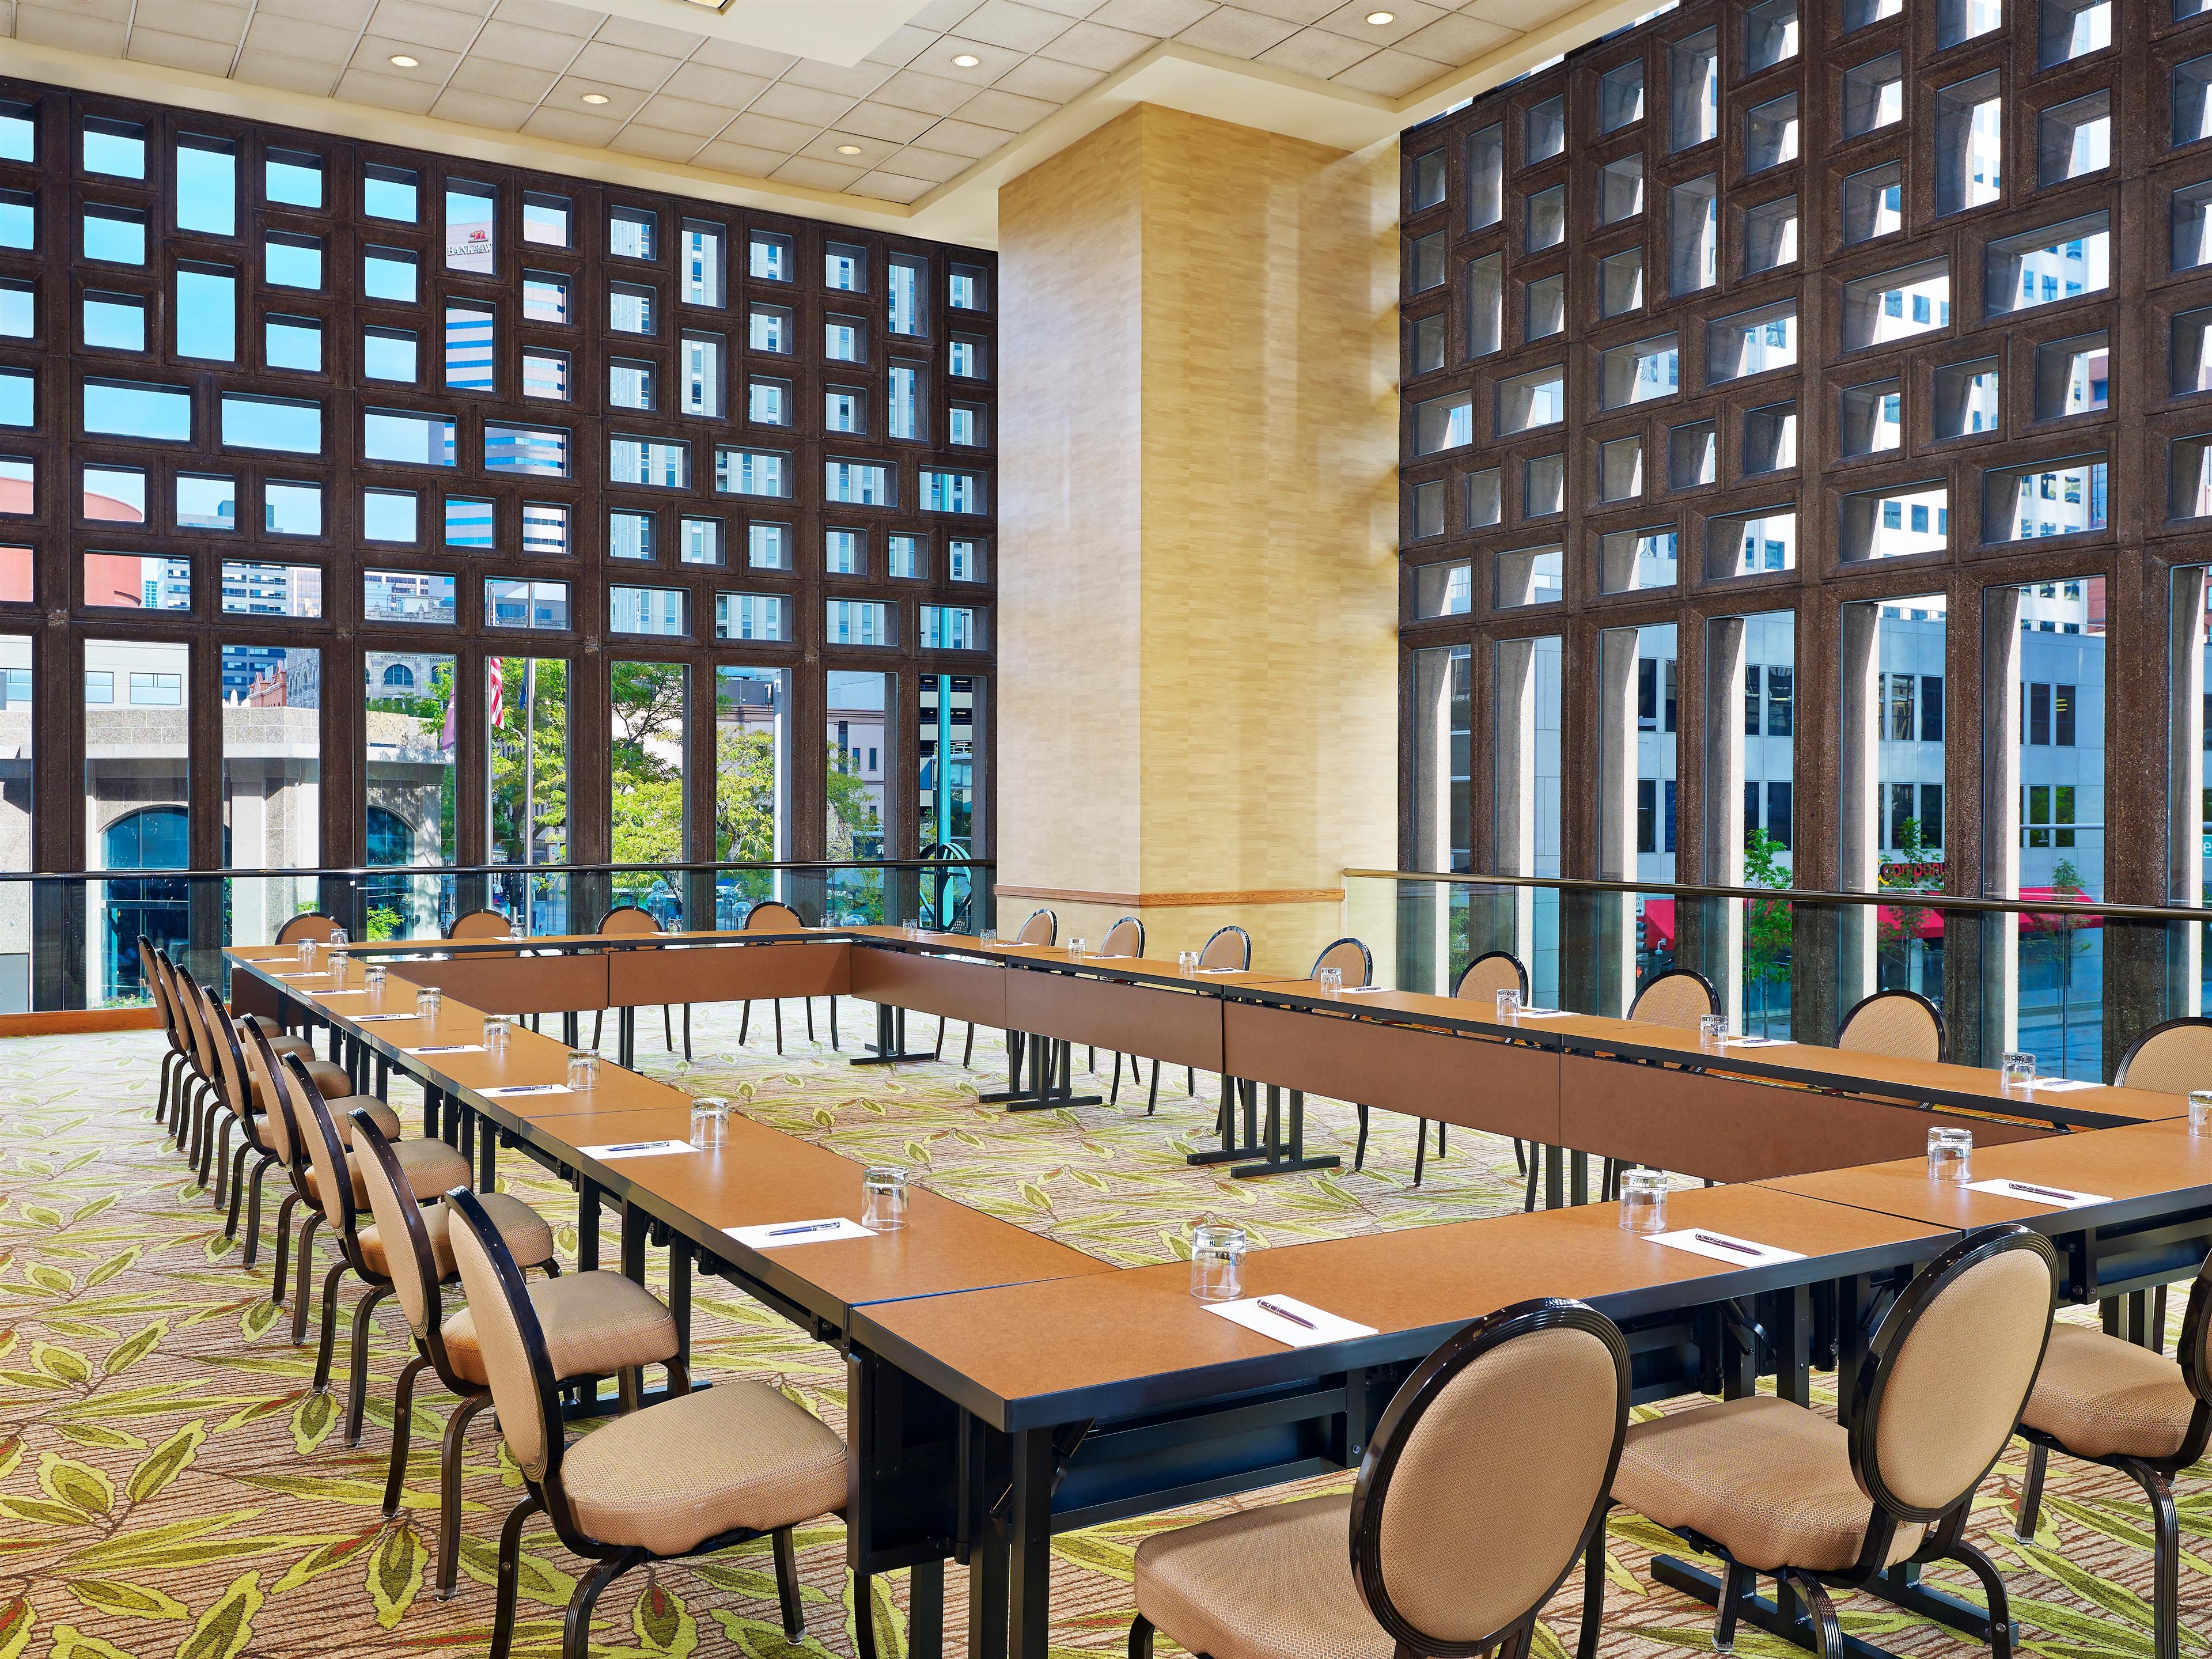 sheraton denver downtown hotel in denver co 80202. Black Bedroom Furniture Sets. Home Design Ideas